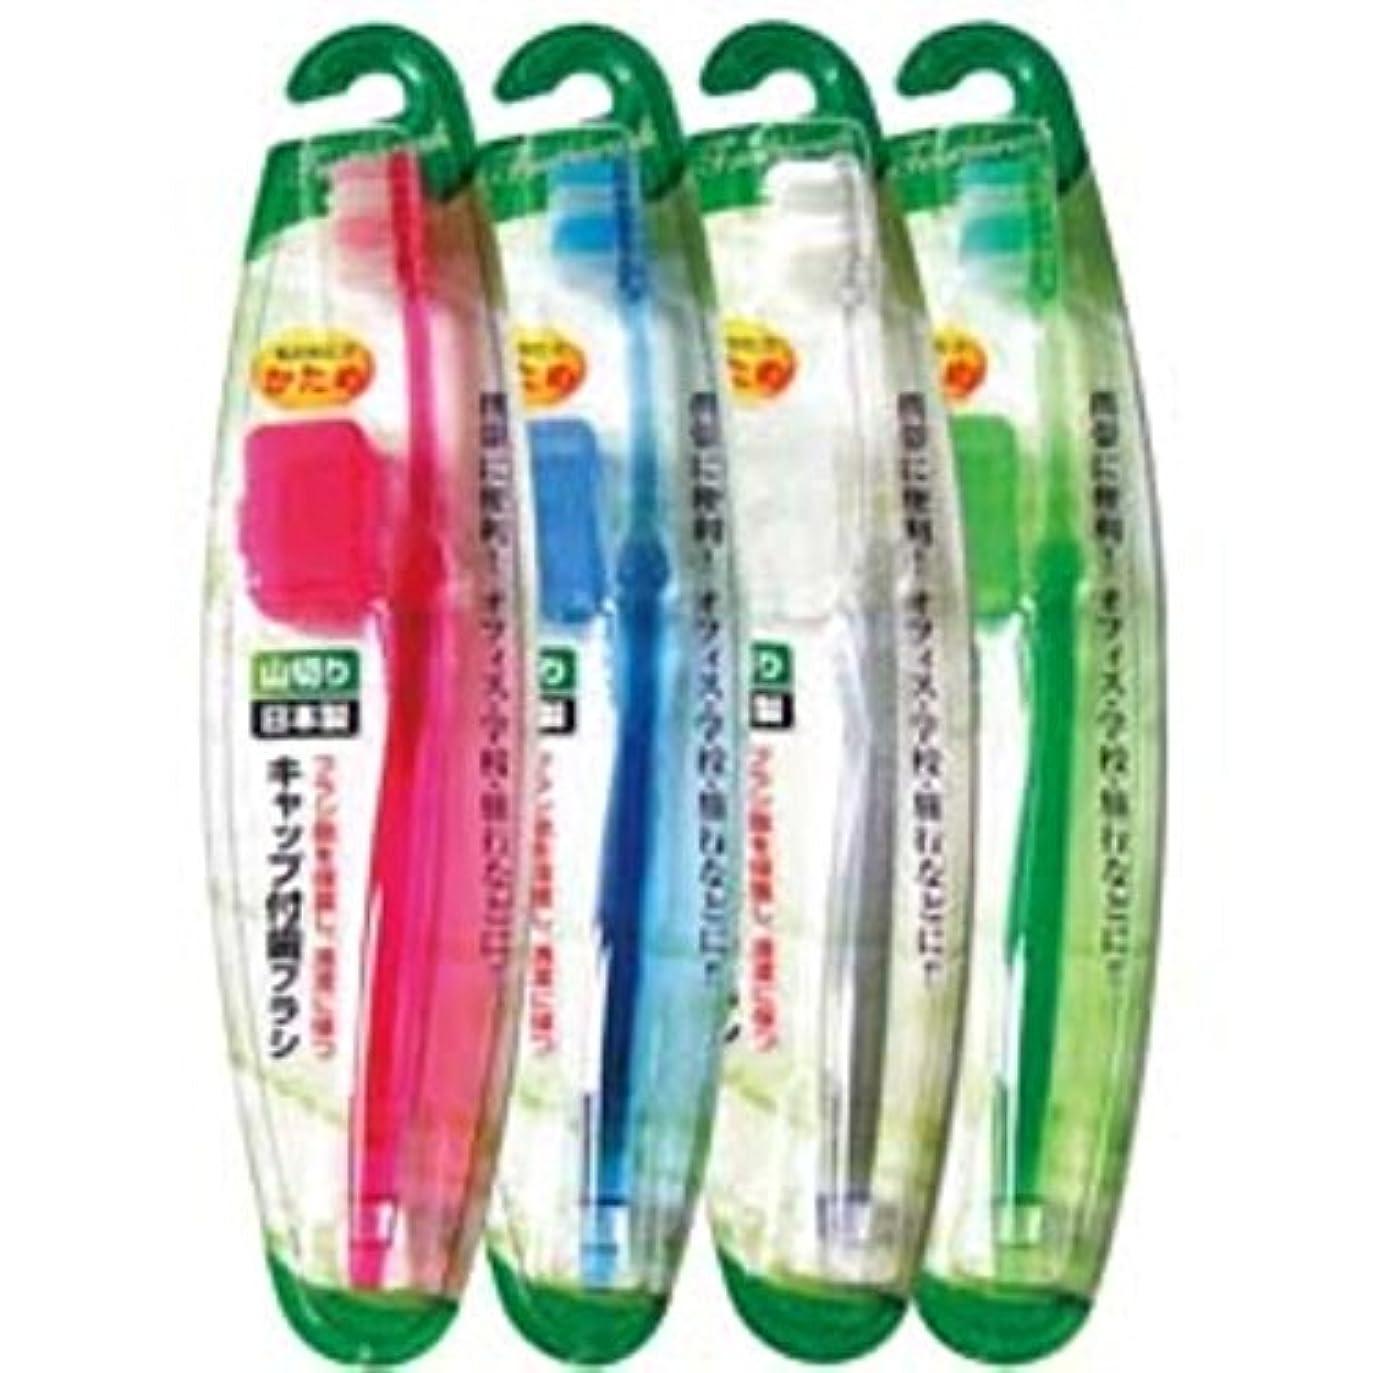 続けるの宣言するキャップ付歯ブラシ山切りカット(かため)日本製 japan 【まとめ買い12個セット】 41-210